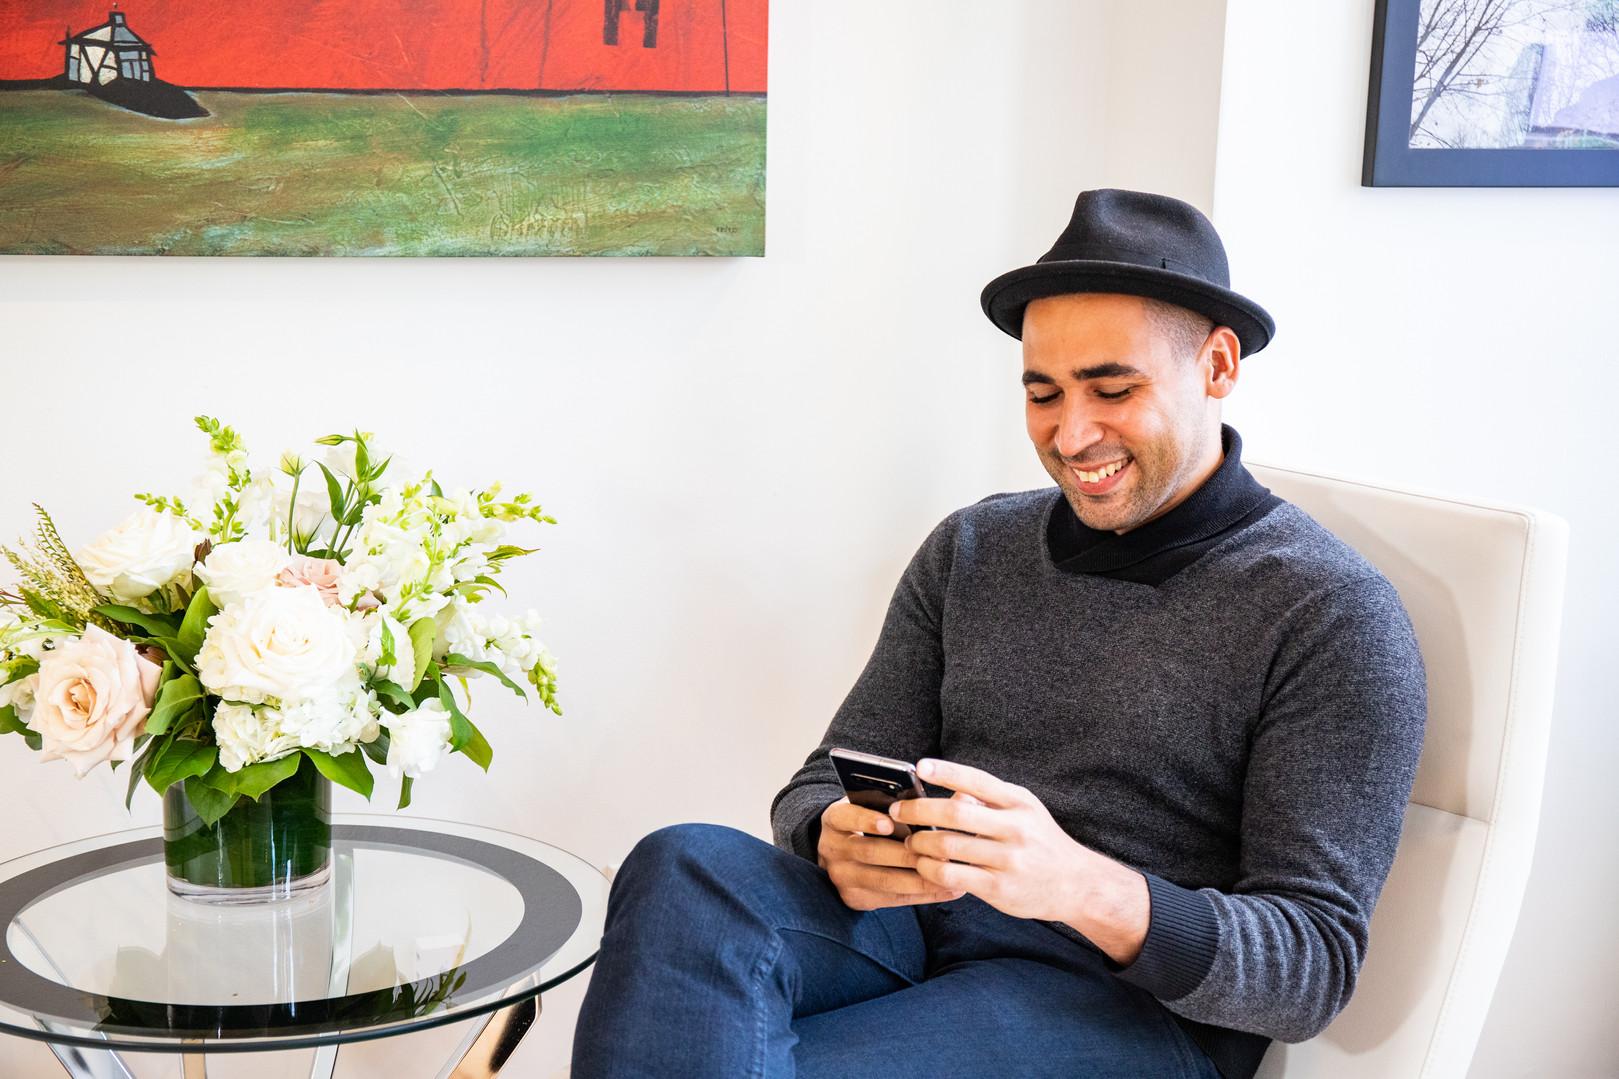 Agente, Julio Torres-Santana revisa sus correos electrónicos en su teléfono en nuestra oficina de Boston